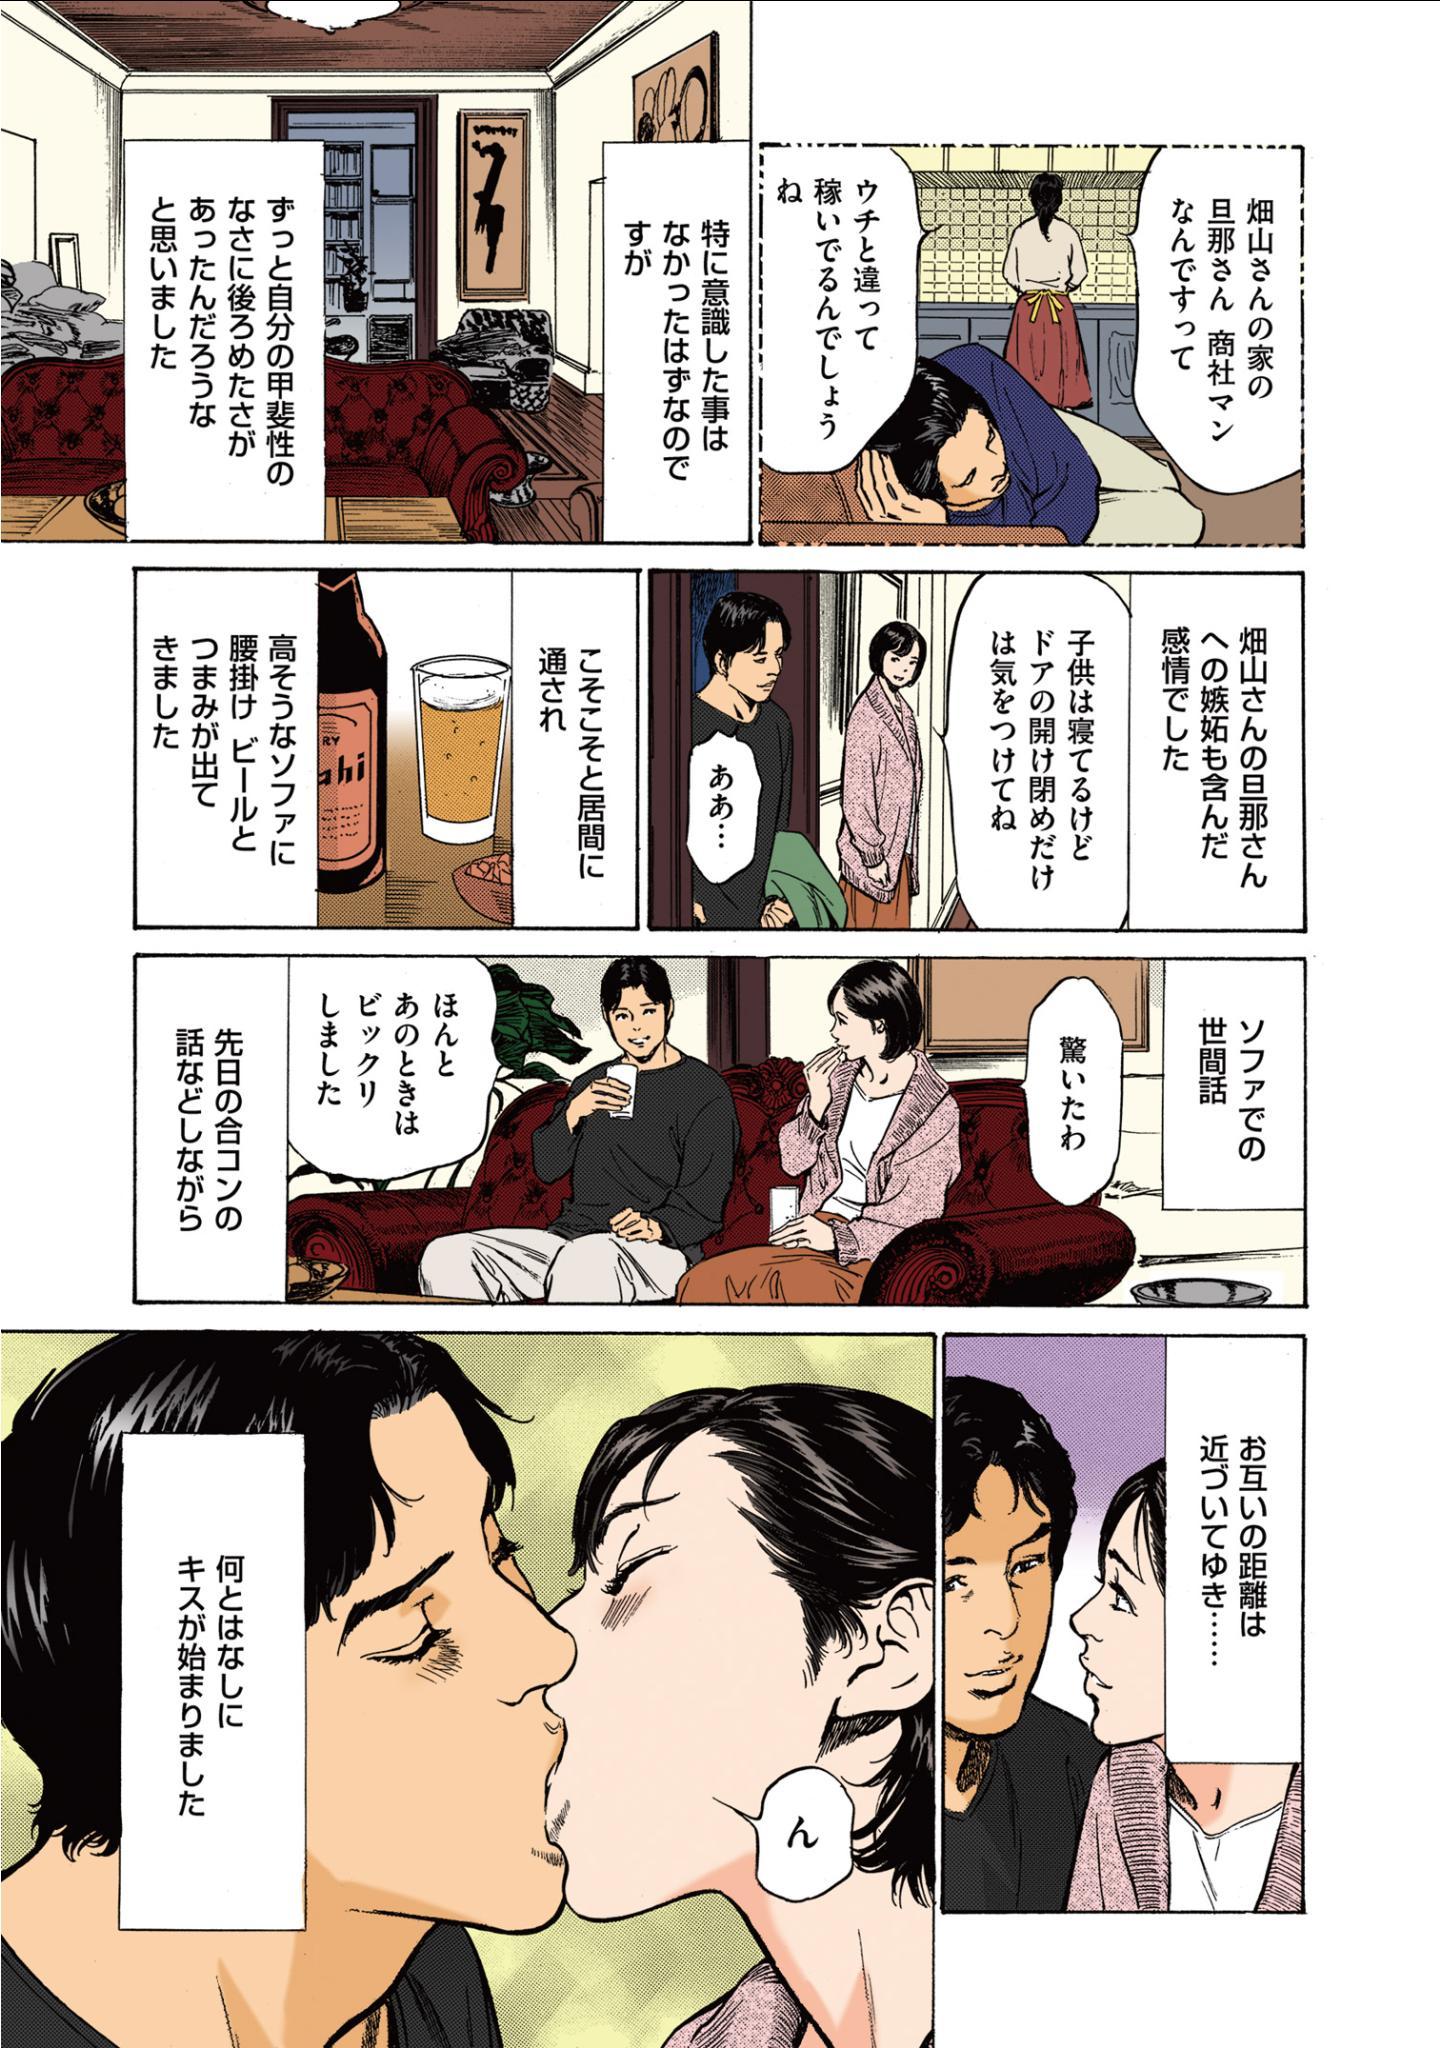 [Hazuki Kaoru] Hazuki Kaoru no Tamaranai Hanashi (Full Color Version) 1-2 90